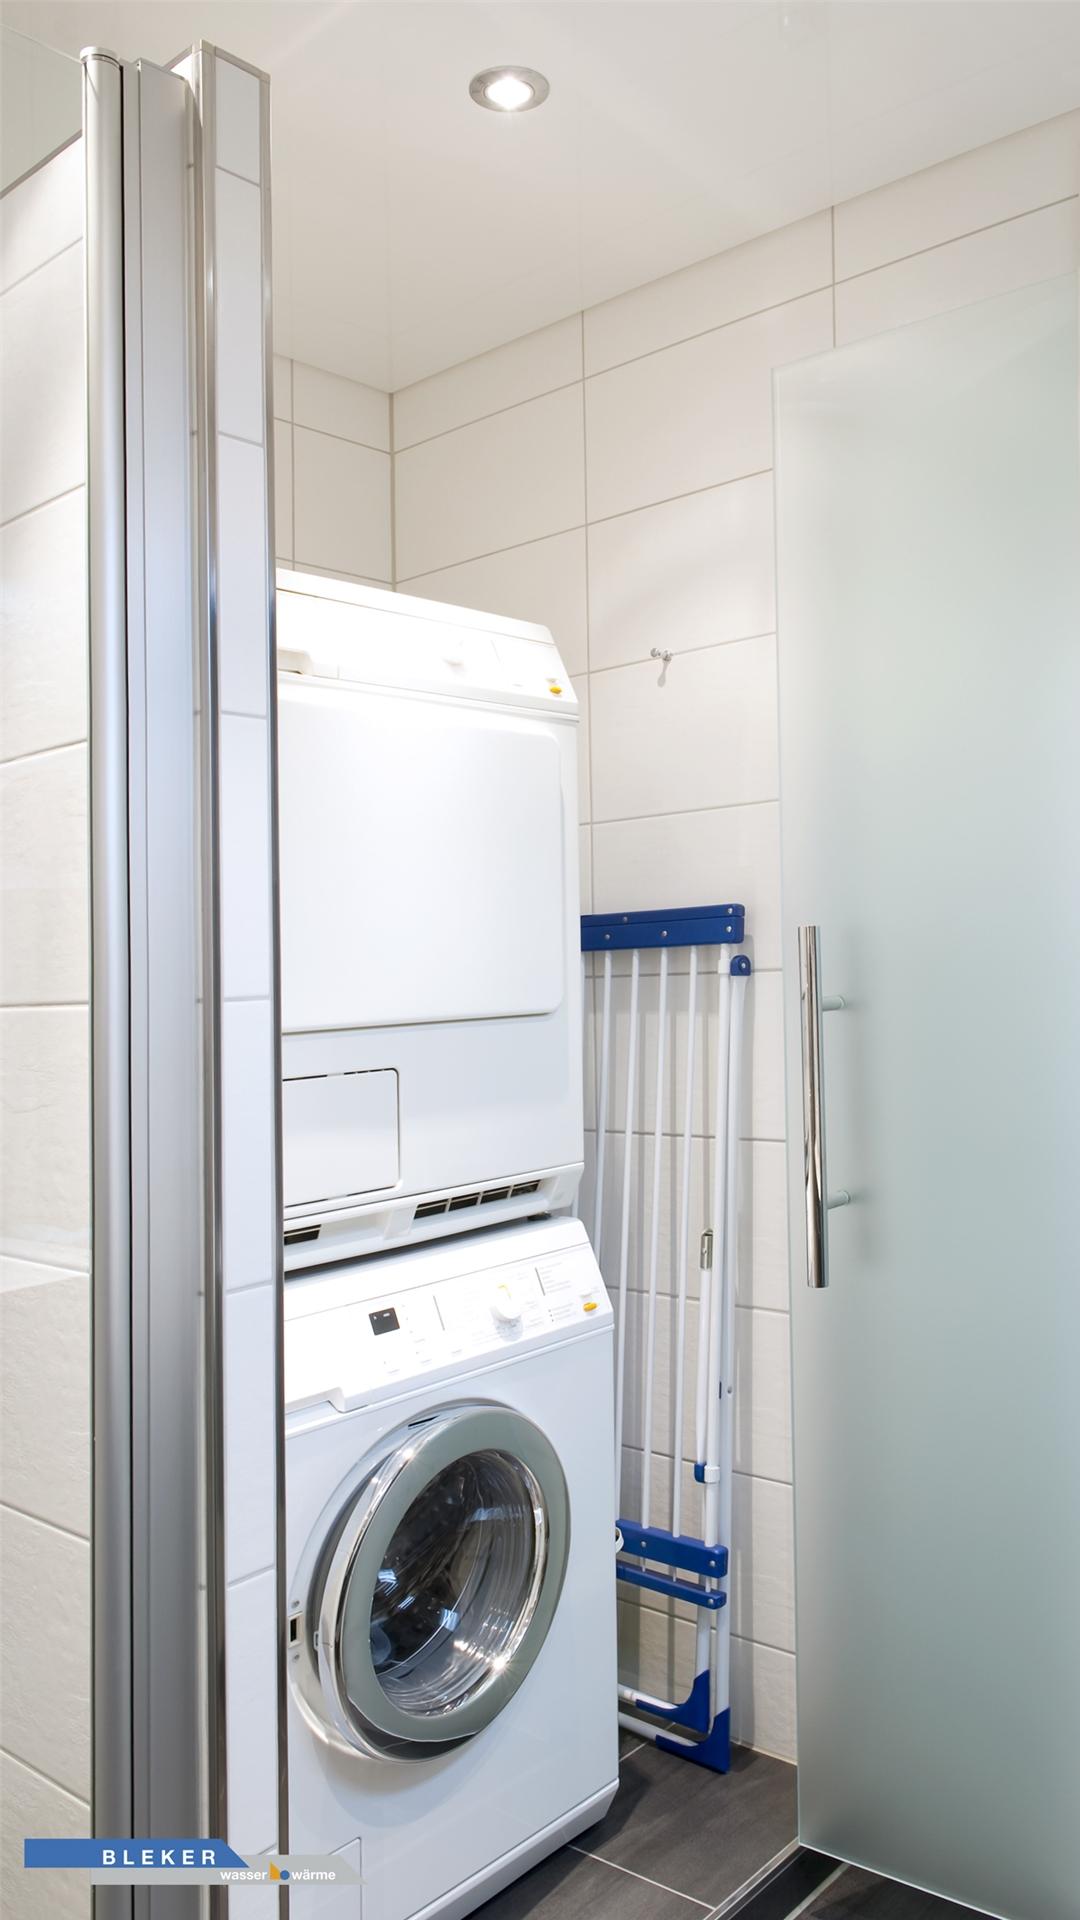 Waschmaschine und Trockner im Bad edel hinter satinierten Glastüren versteckt